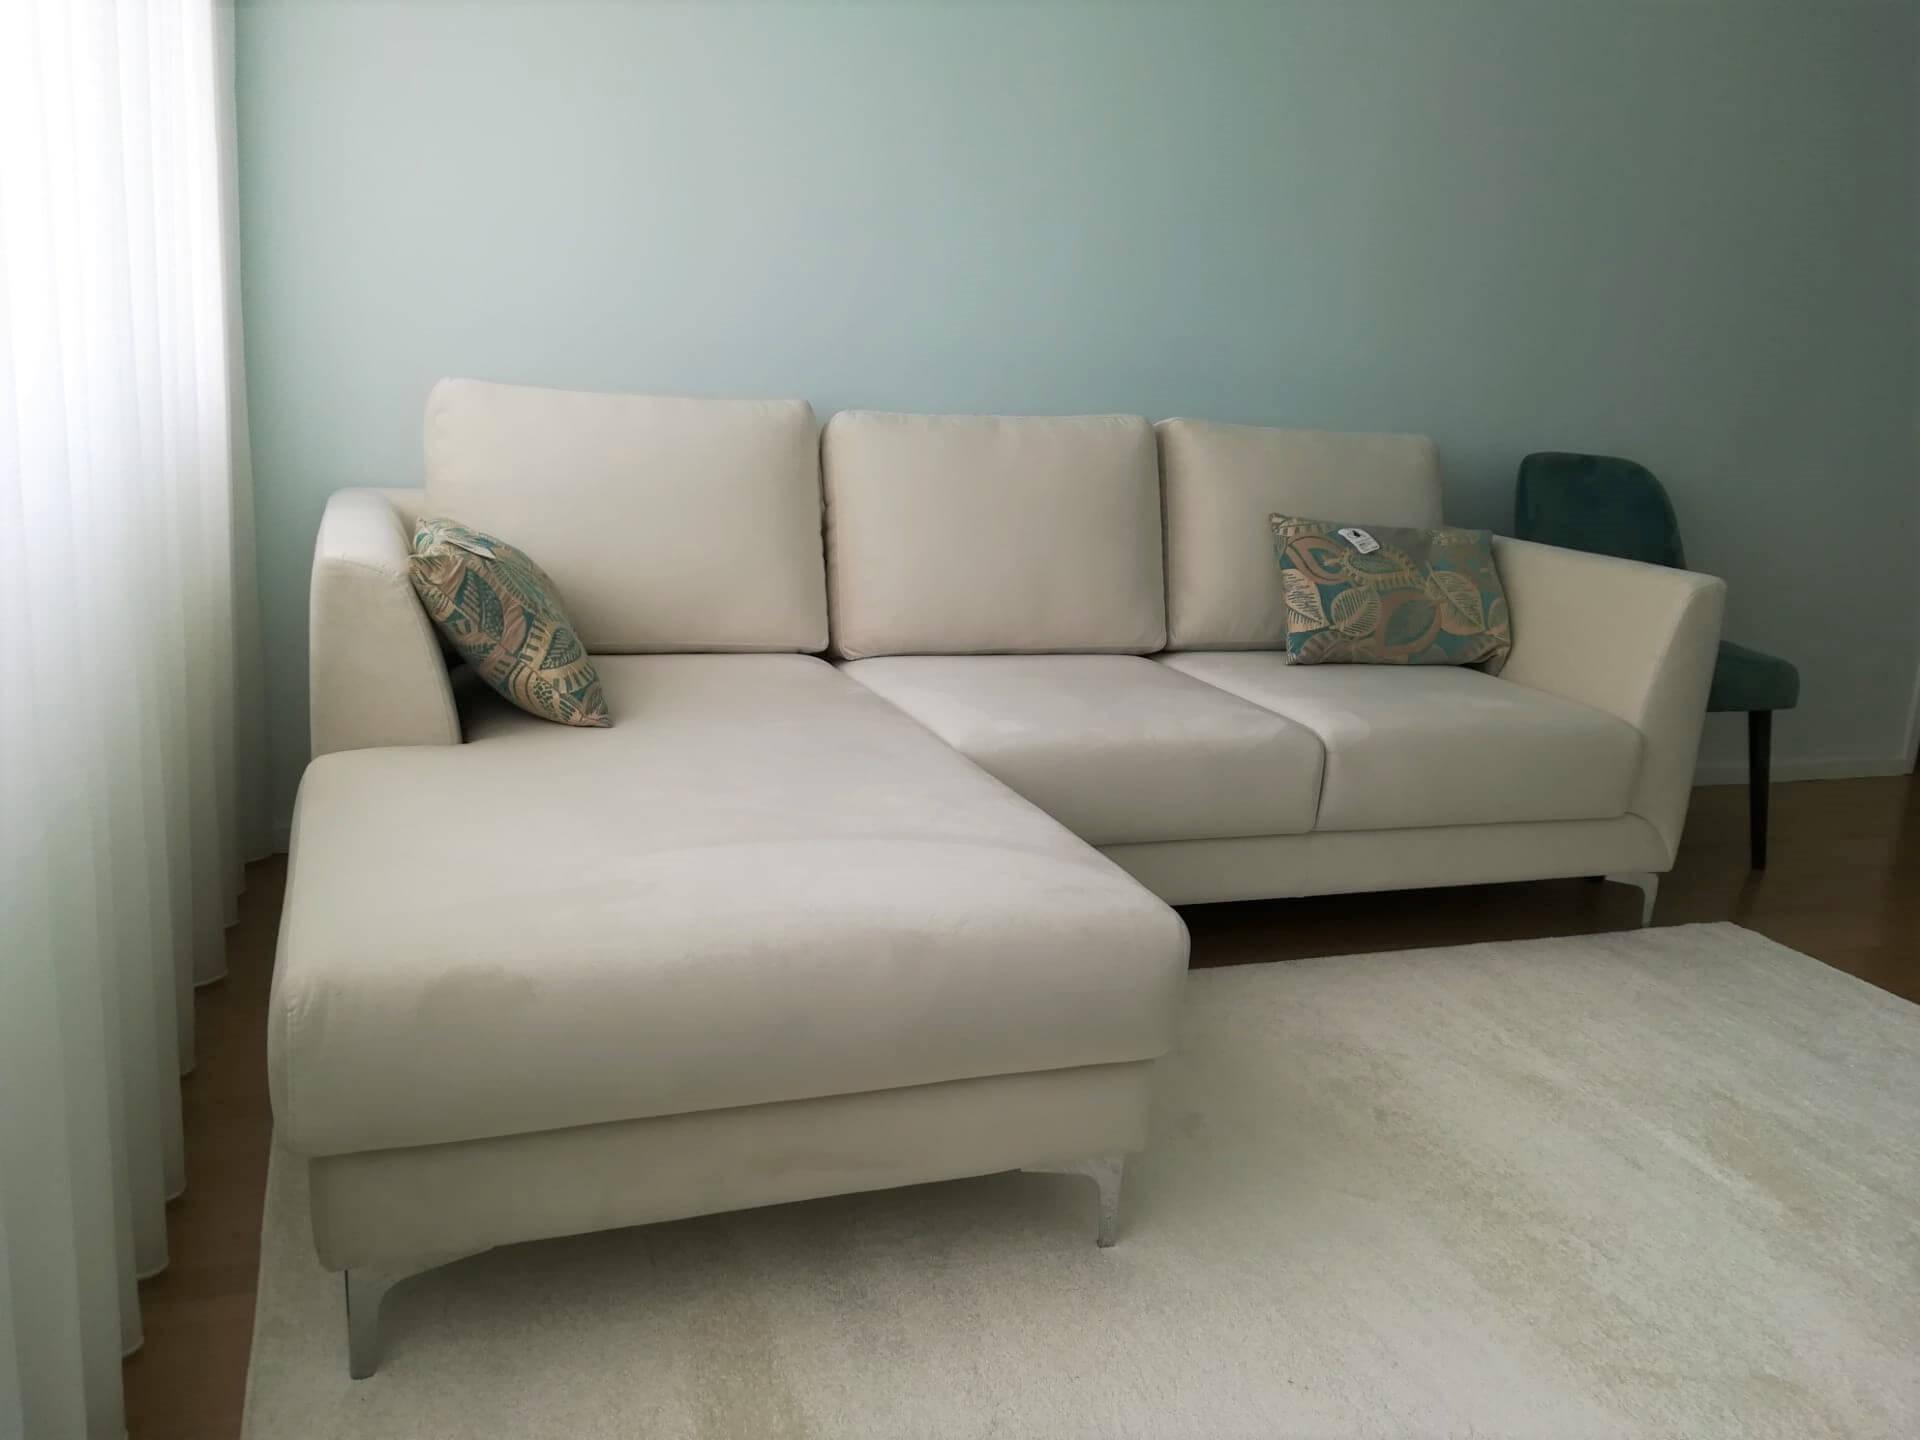 Chaise Lounge Forgan In Tecido veludado Bege e pes em inox chaise lado esquerdo 1